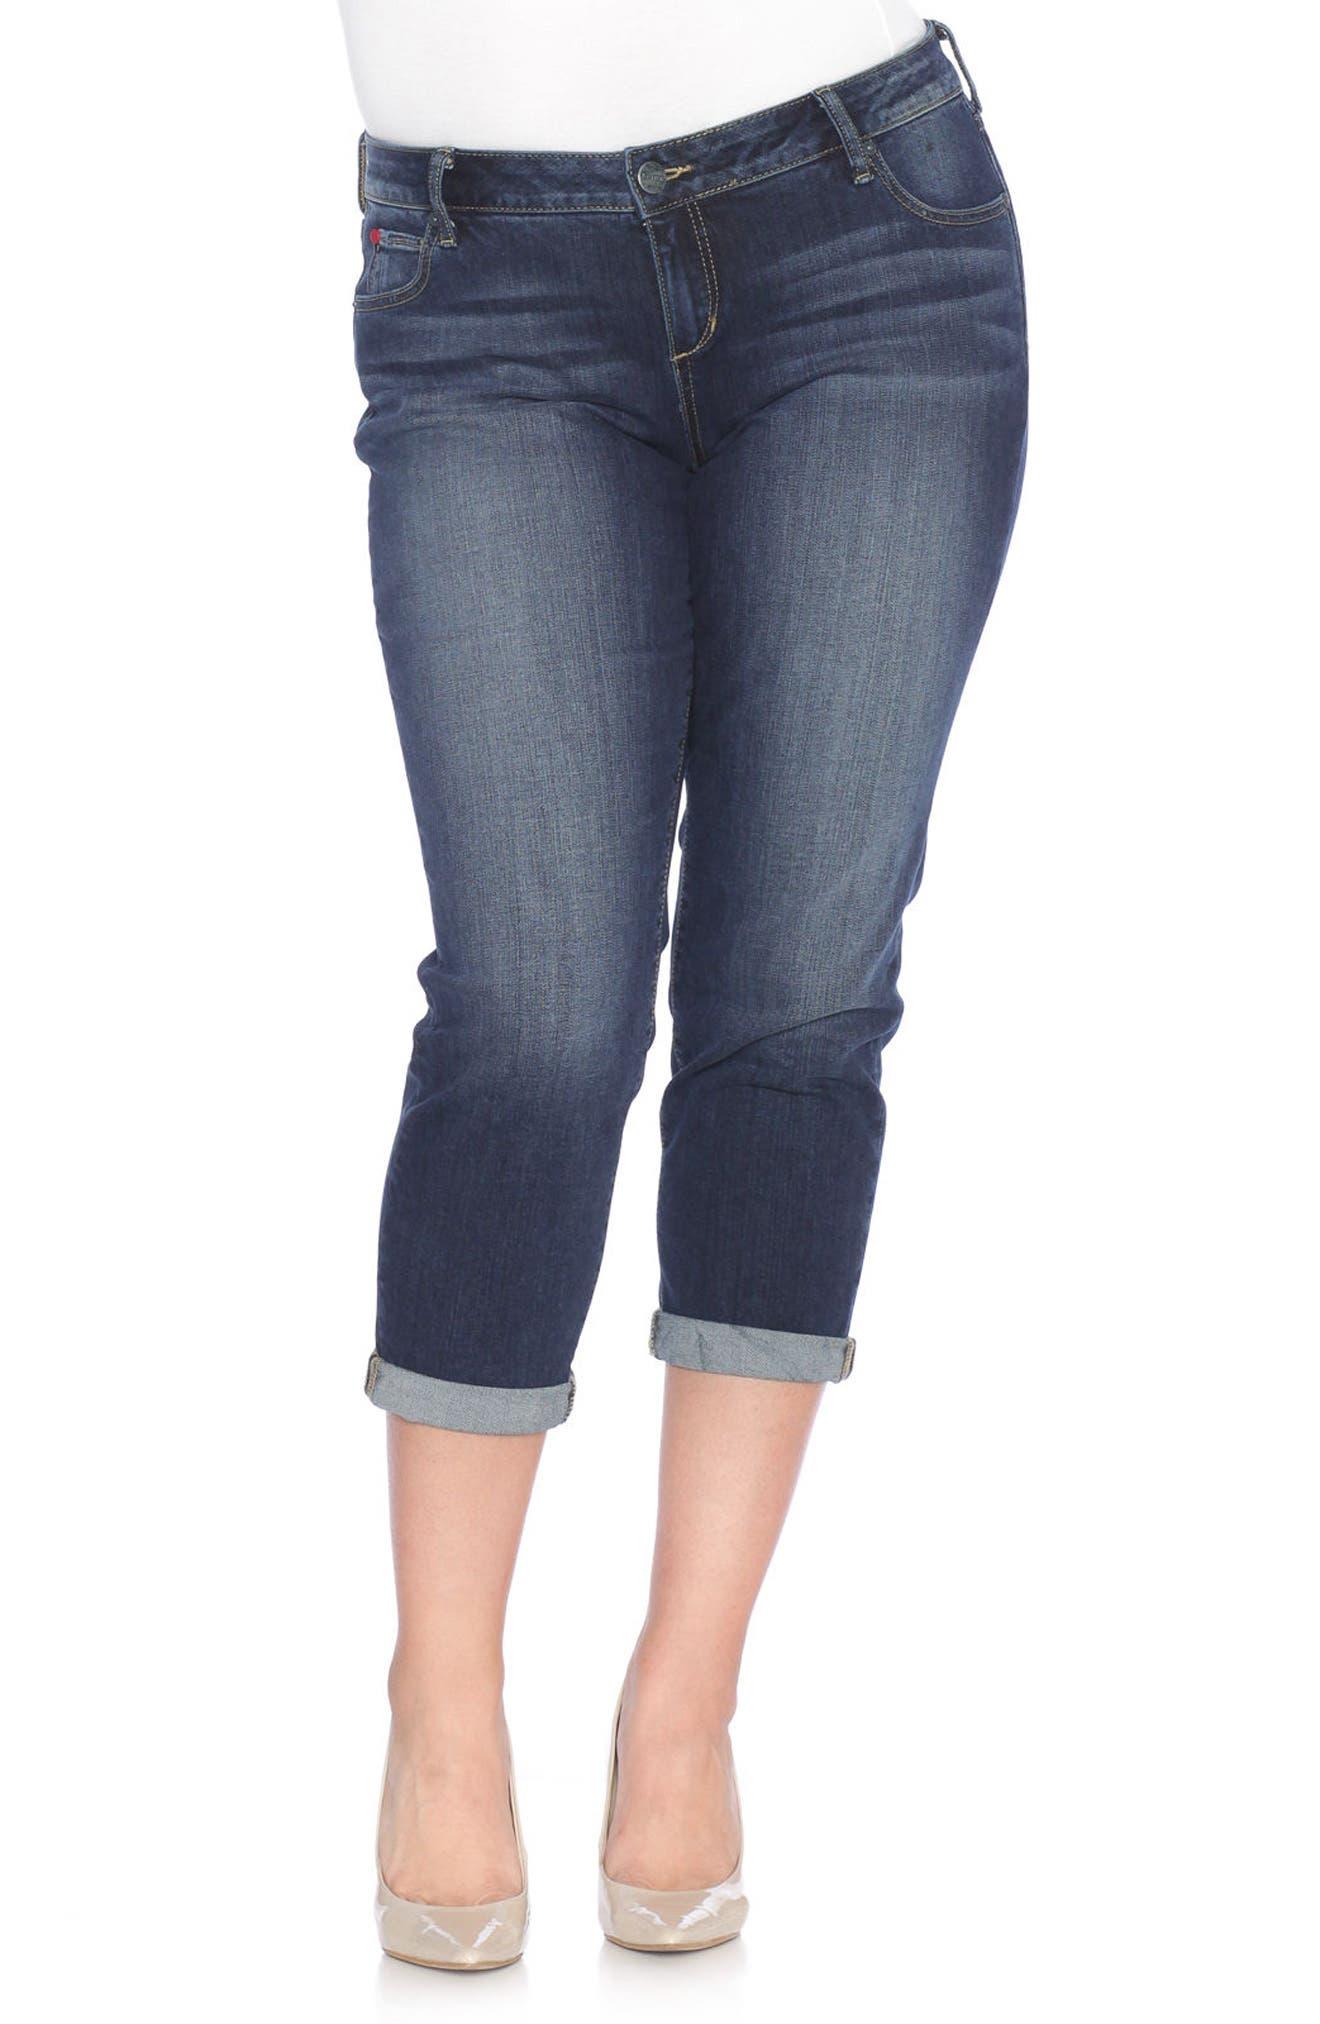 Main Image - SLINK Jeans Rolled Crop Boyfriend Jeans (Kelly) (Plus Size)